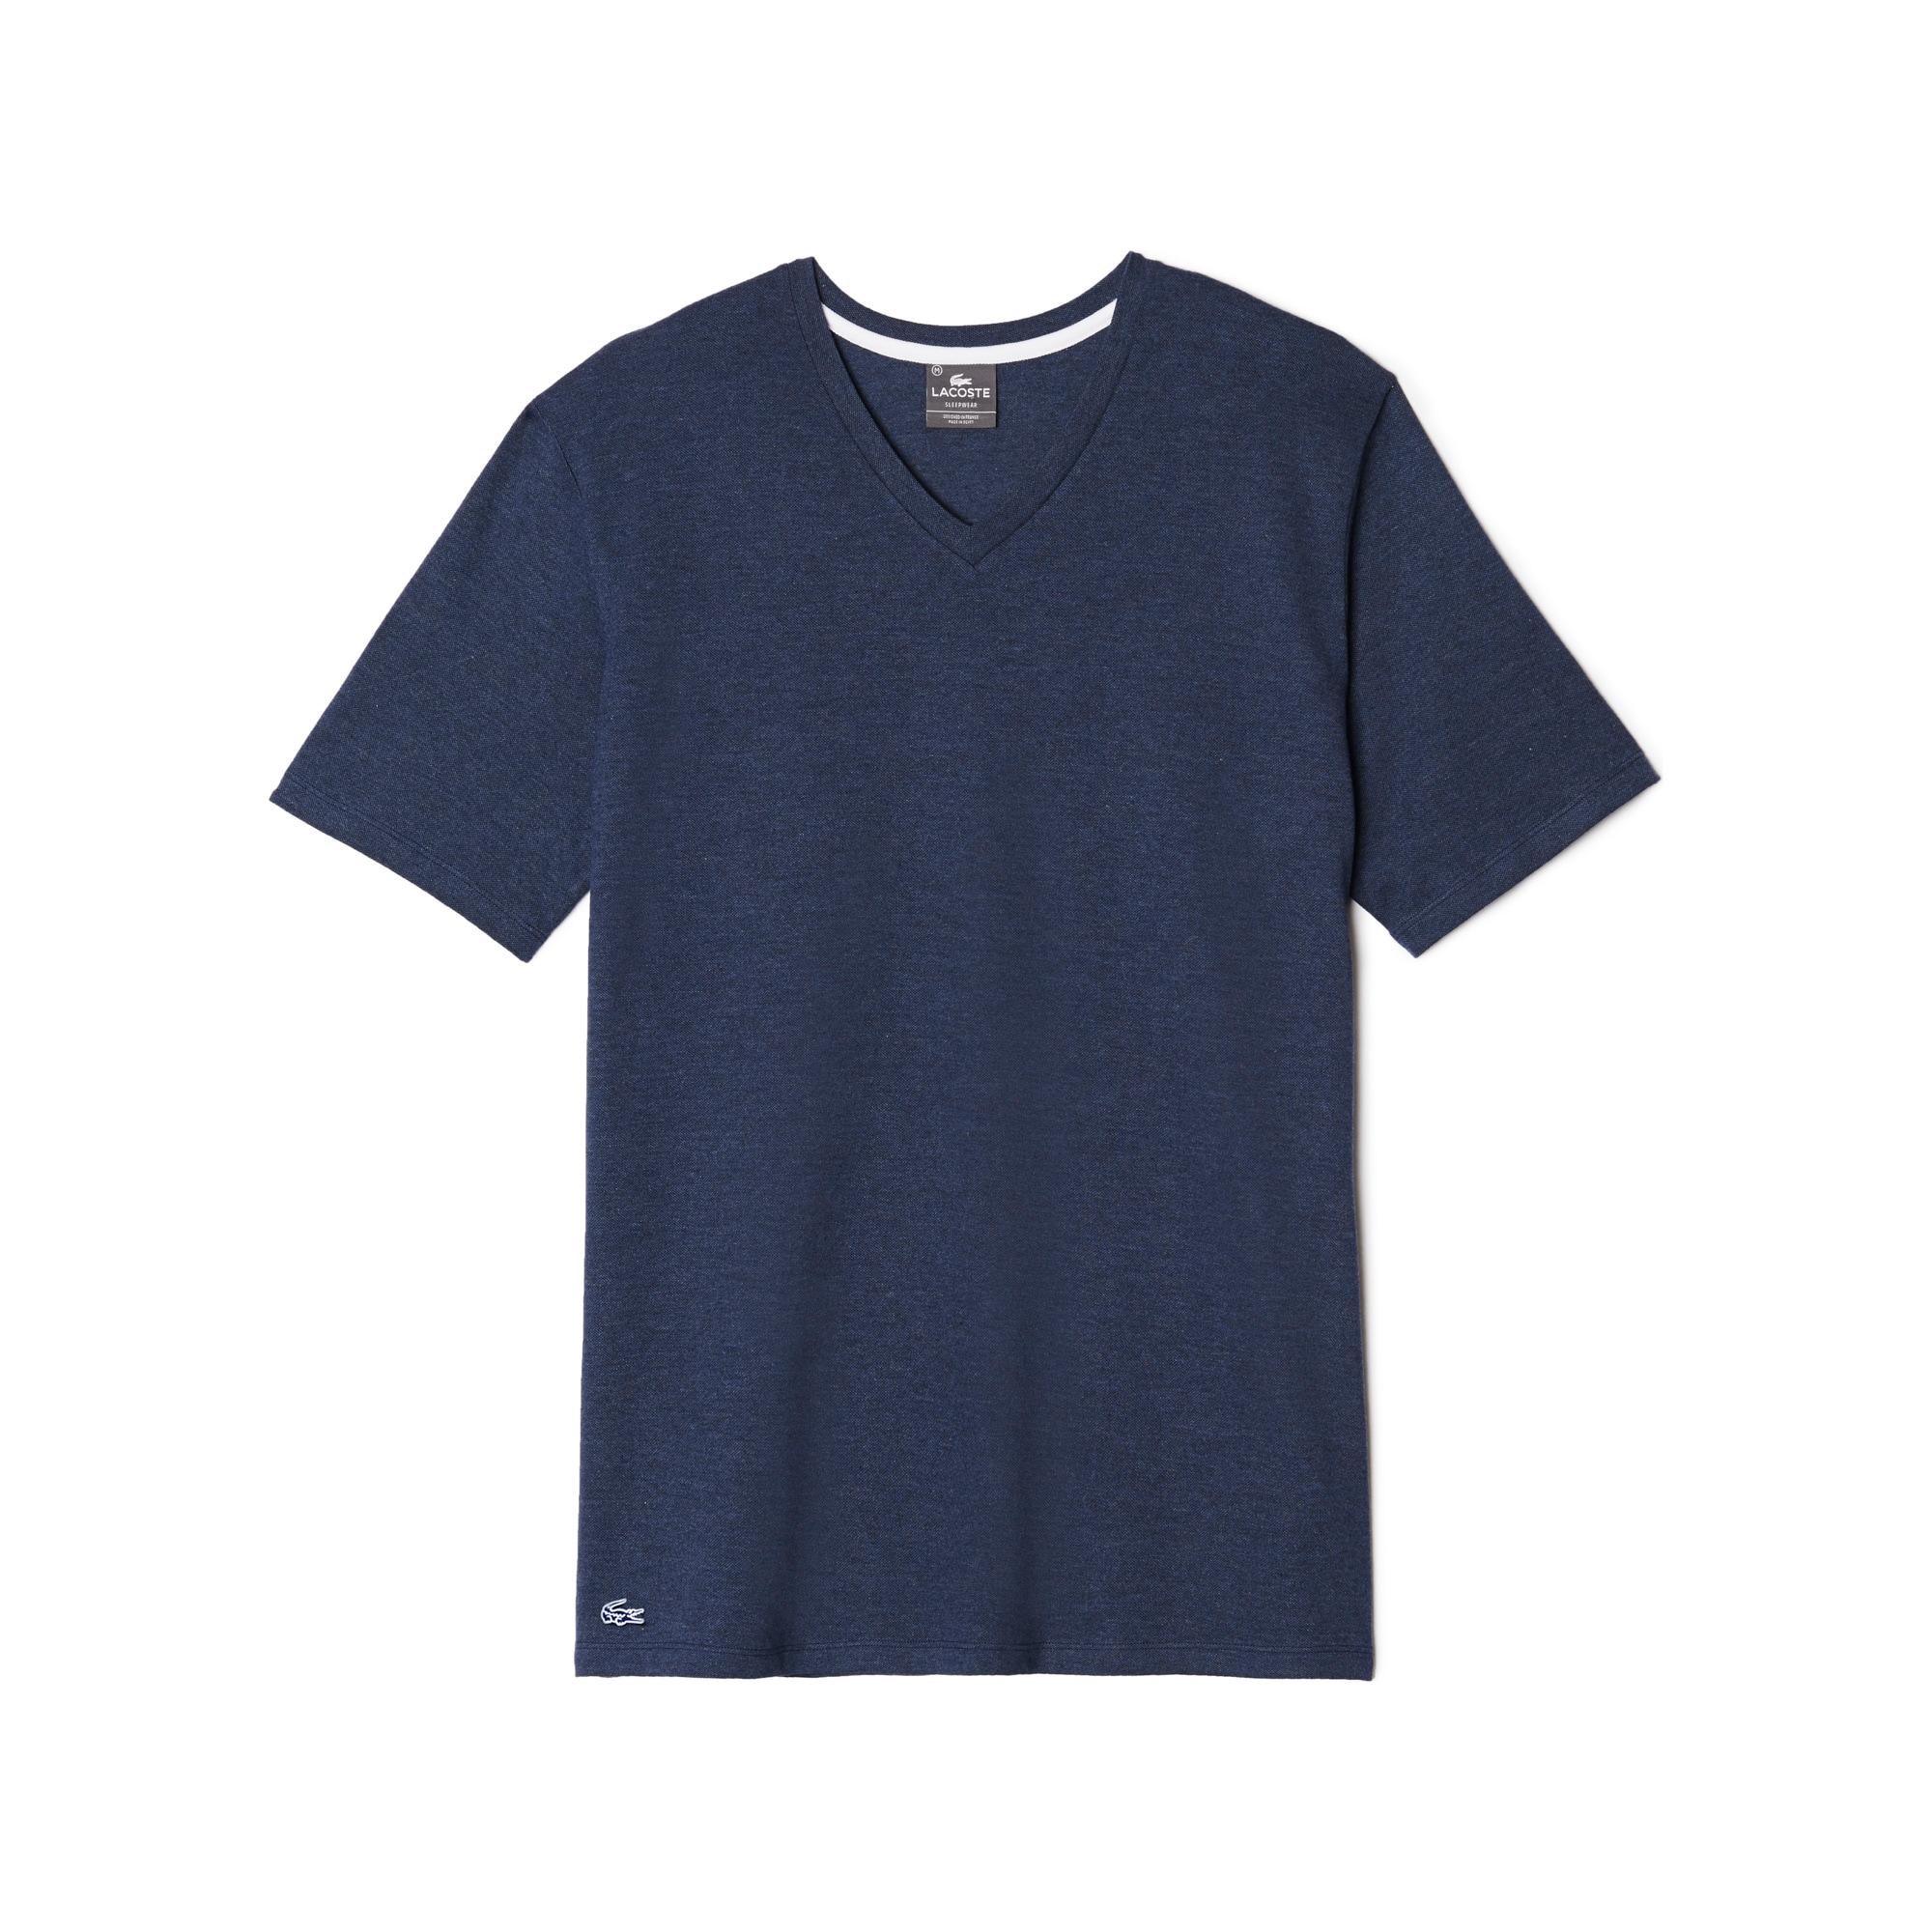 Camiseta L.12.12